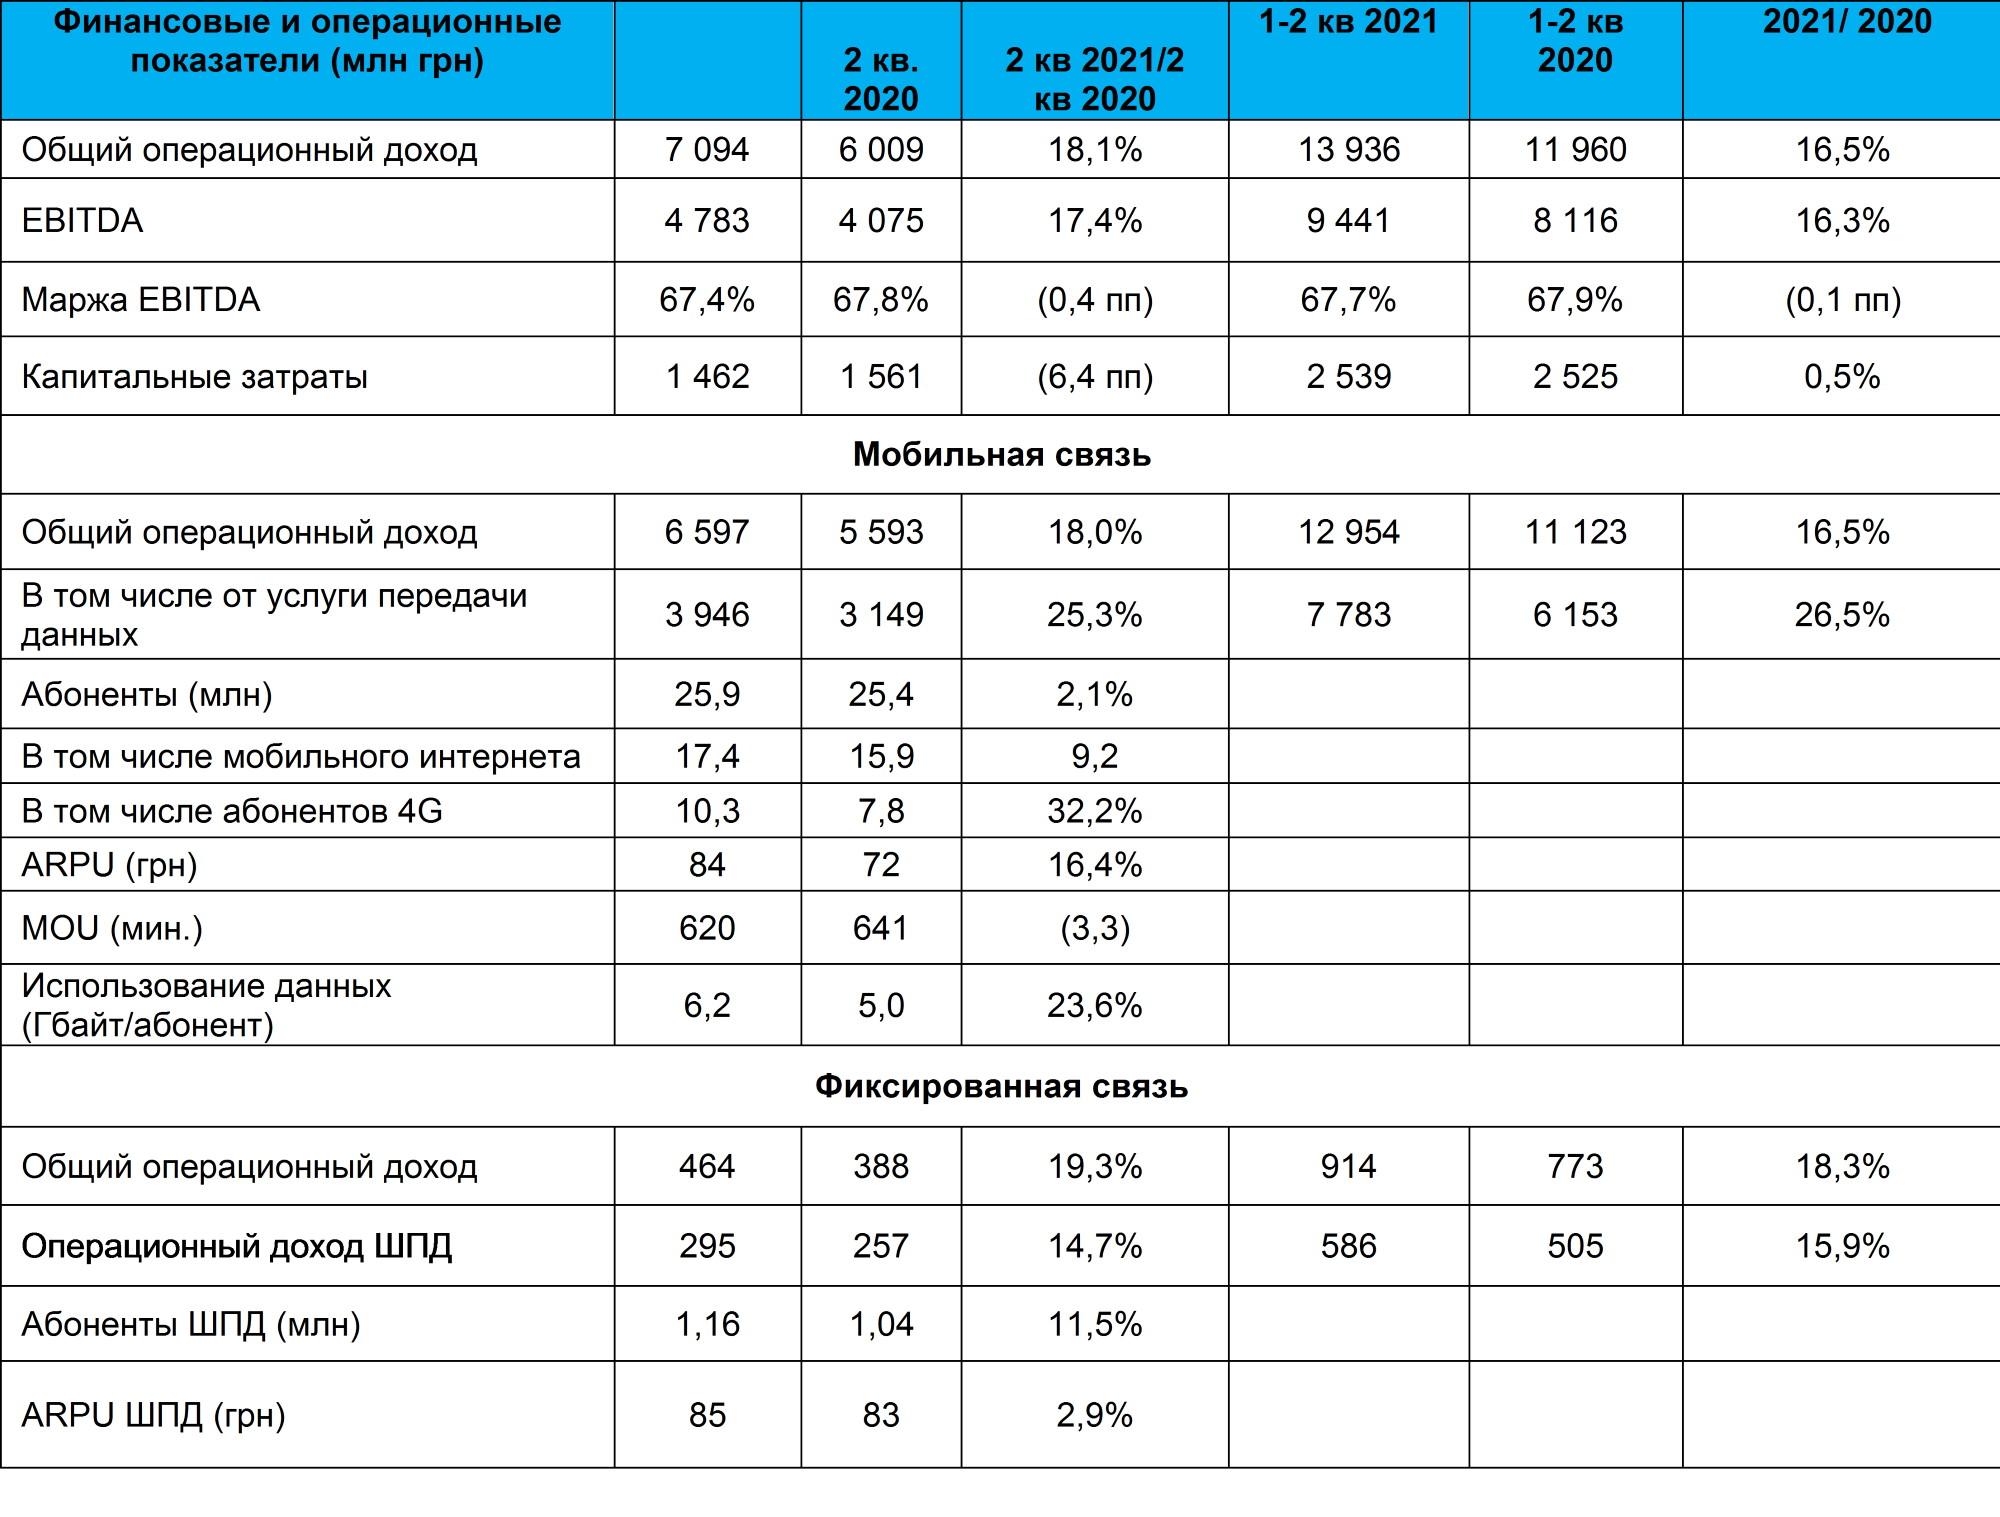 Результаты Киевстар во 2 квартале 2021